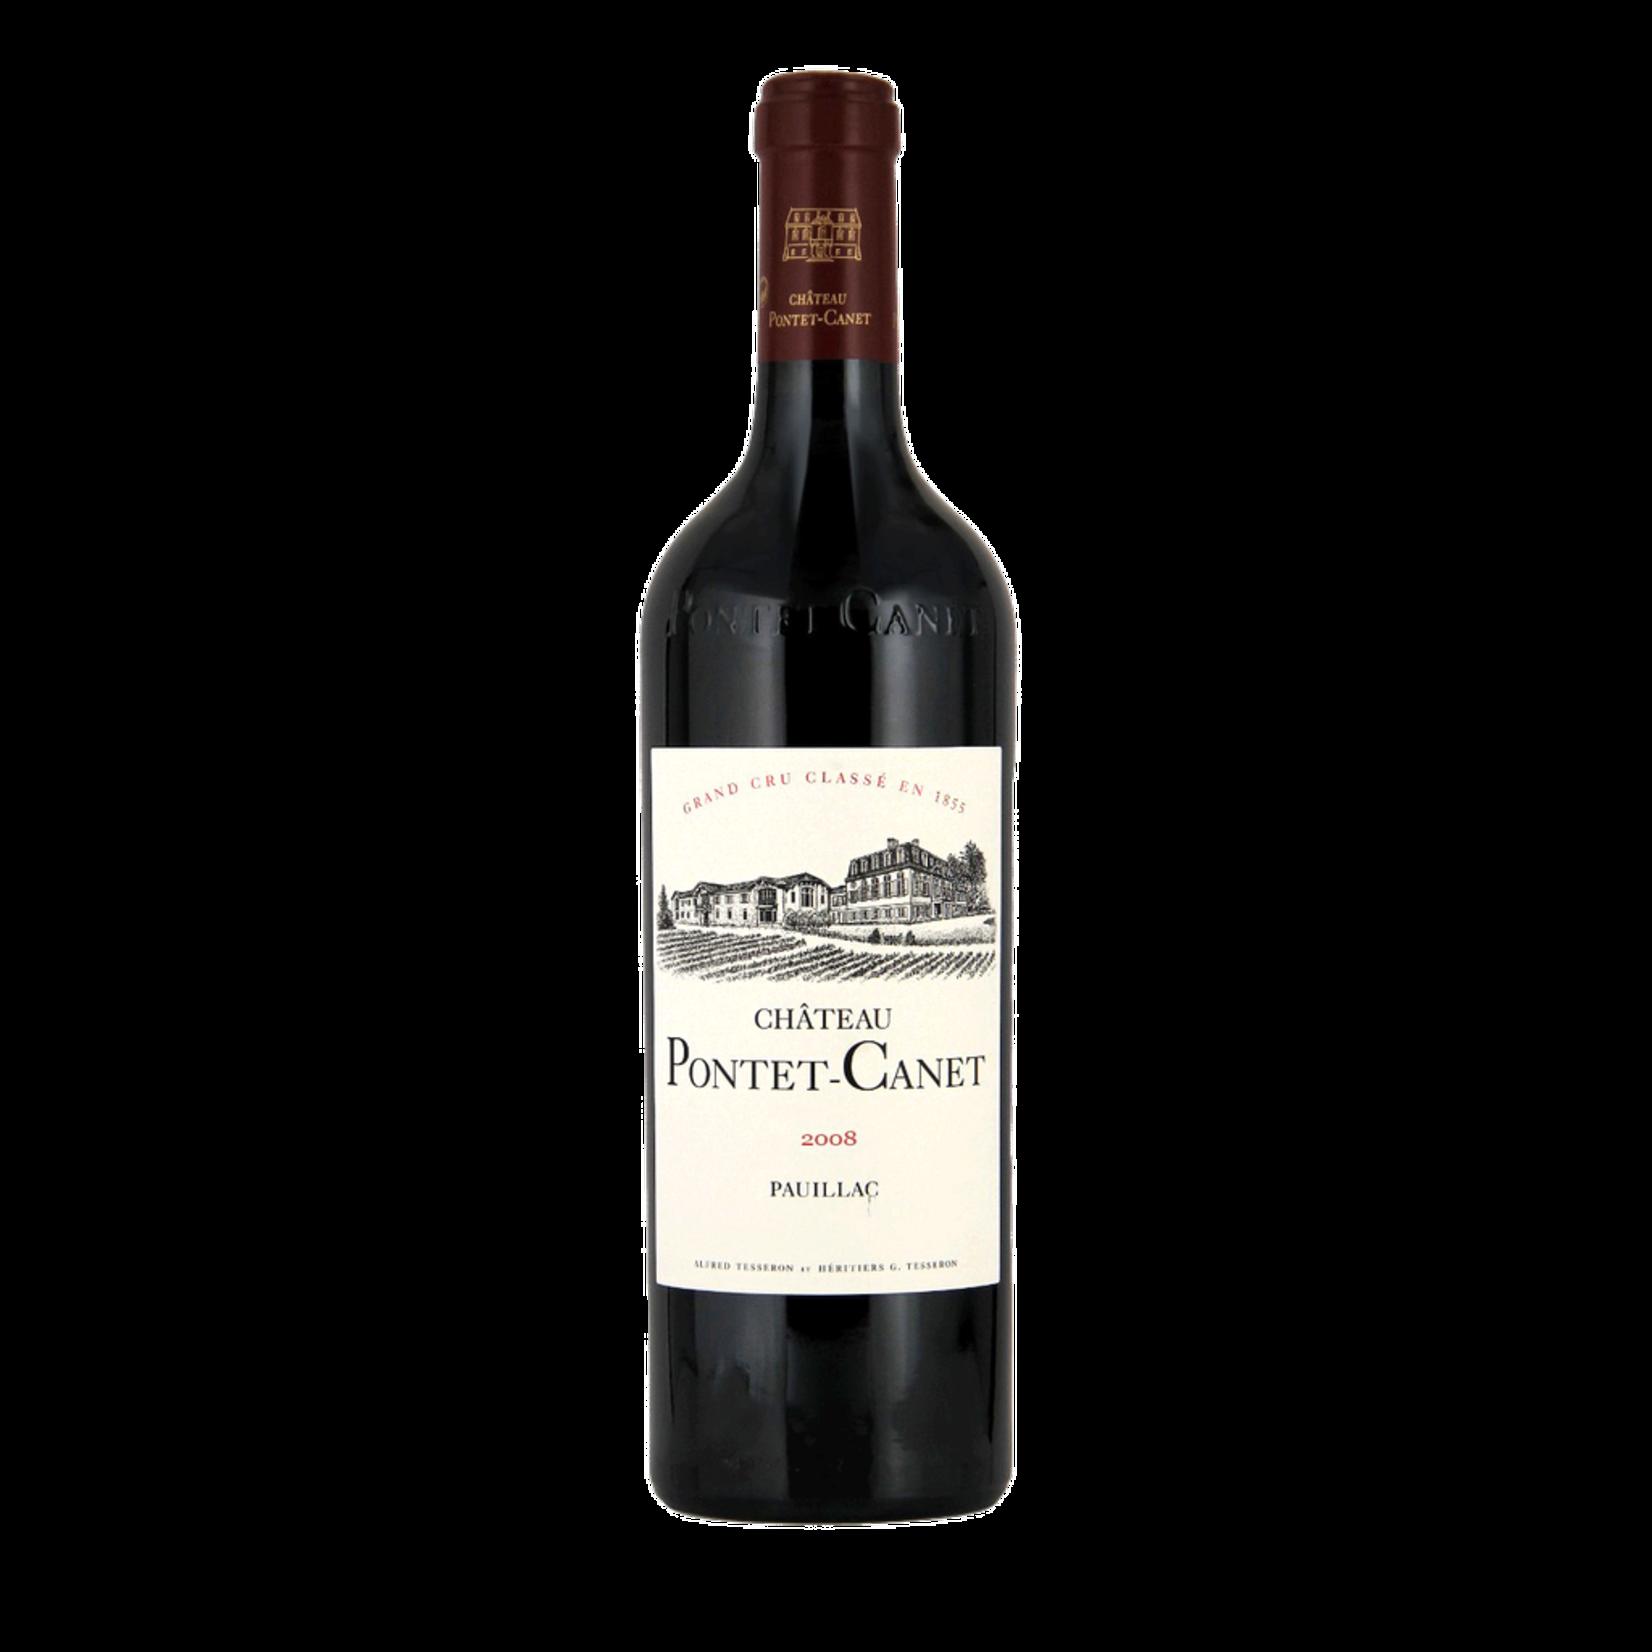 Wine Chateau Pontet Canet 2008